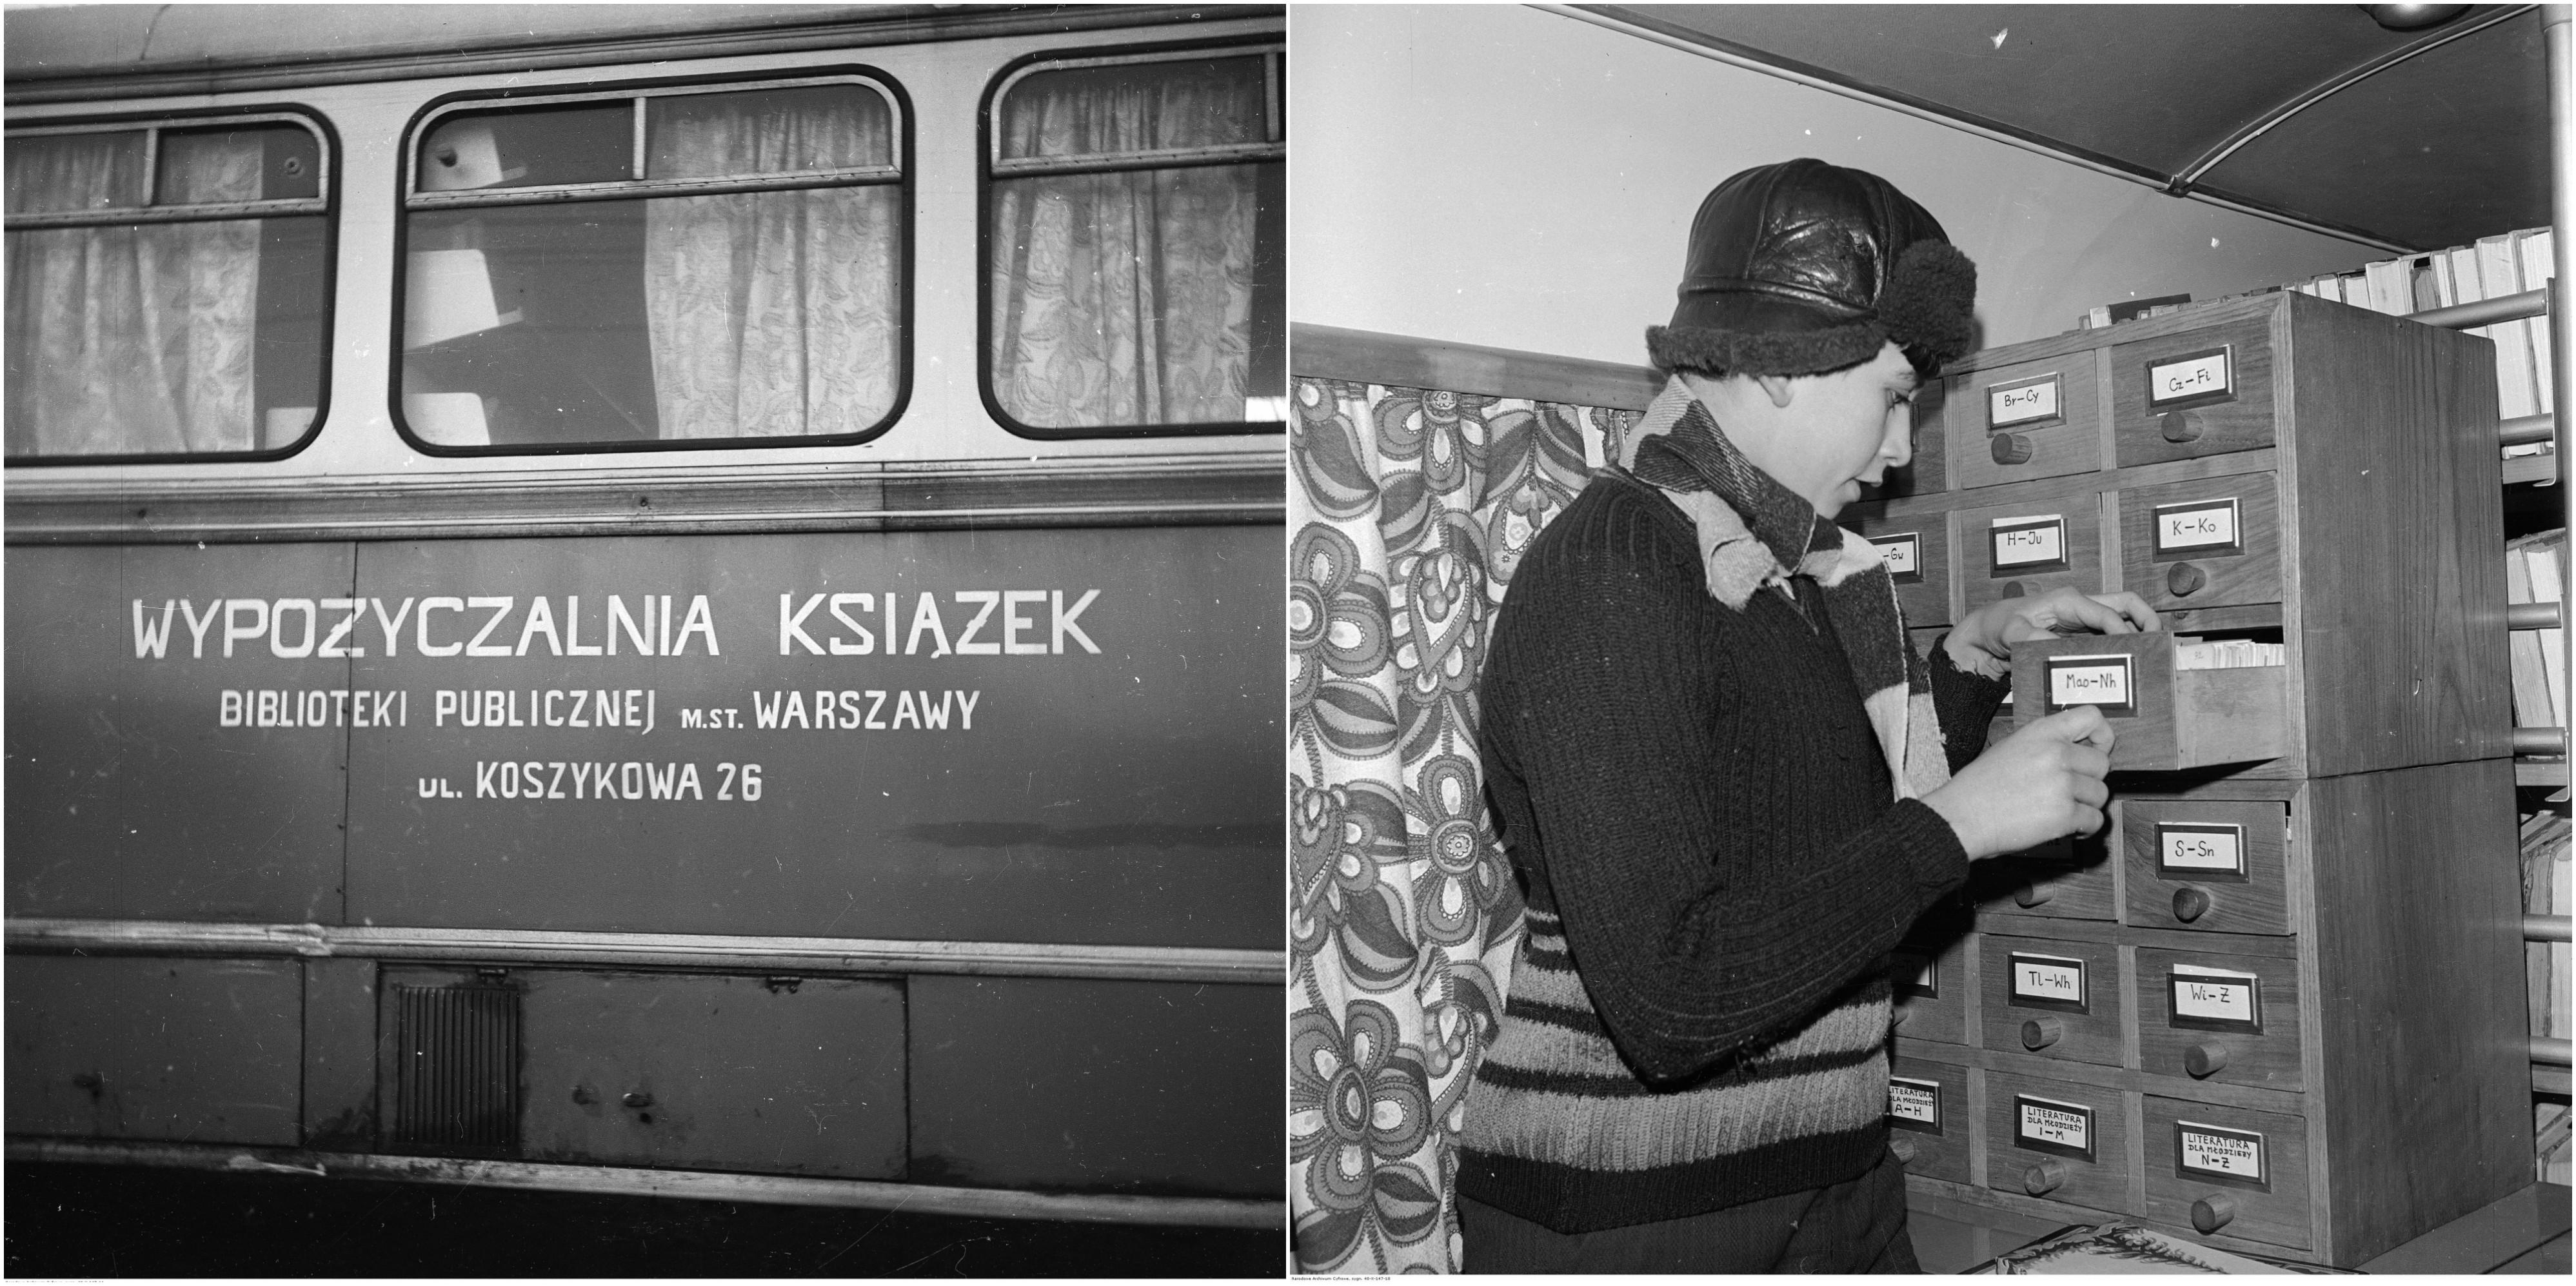 Bibliobus Biblioteki Publicznej w Warszawie, 1973 r. Po prawej czytelnik korzysta z katalogu we wnętrzu bibliobusu (fot. Archiwum Grażyny Rutowskiej / NAC)